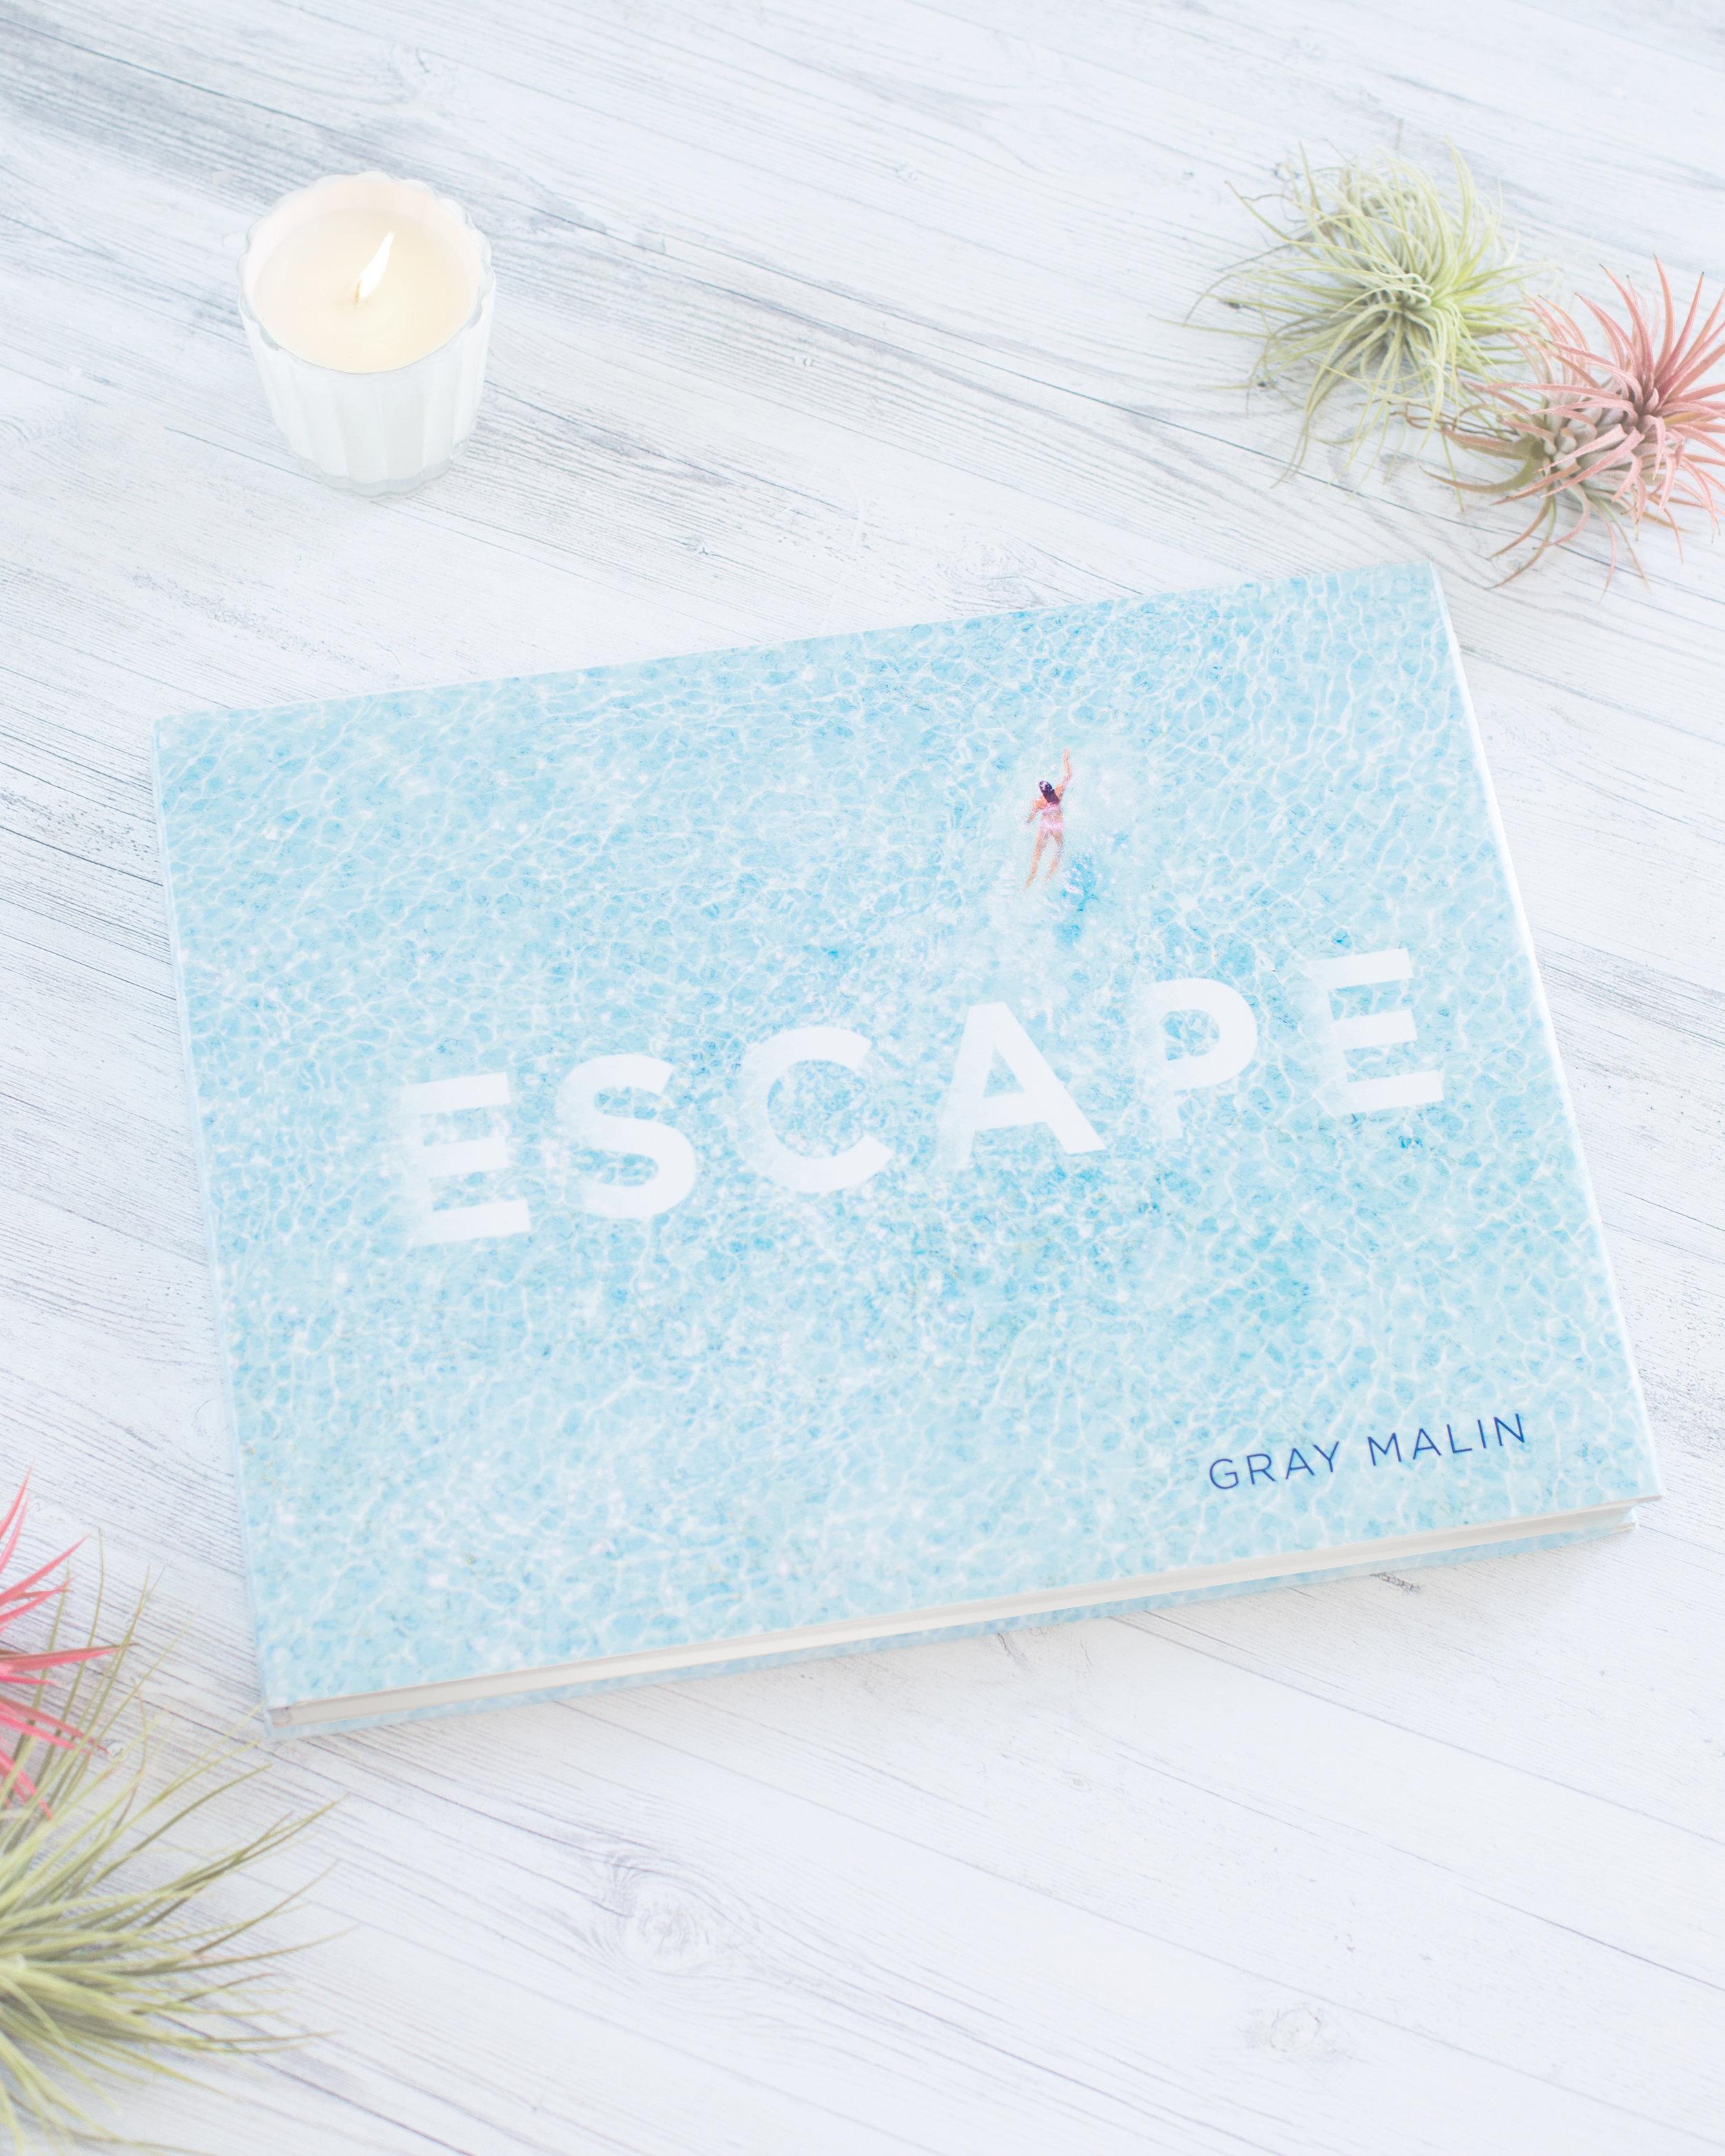 Escape by Gray Malin